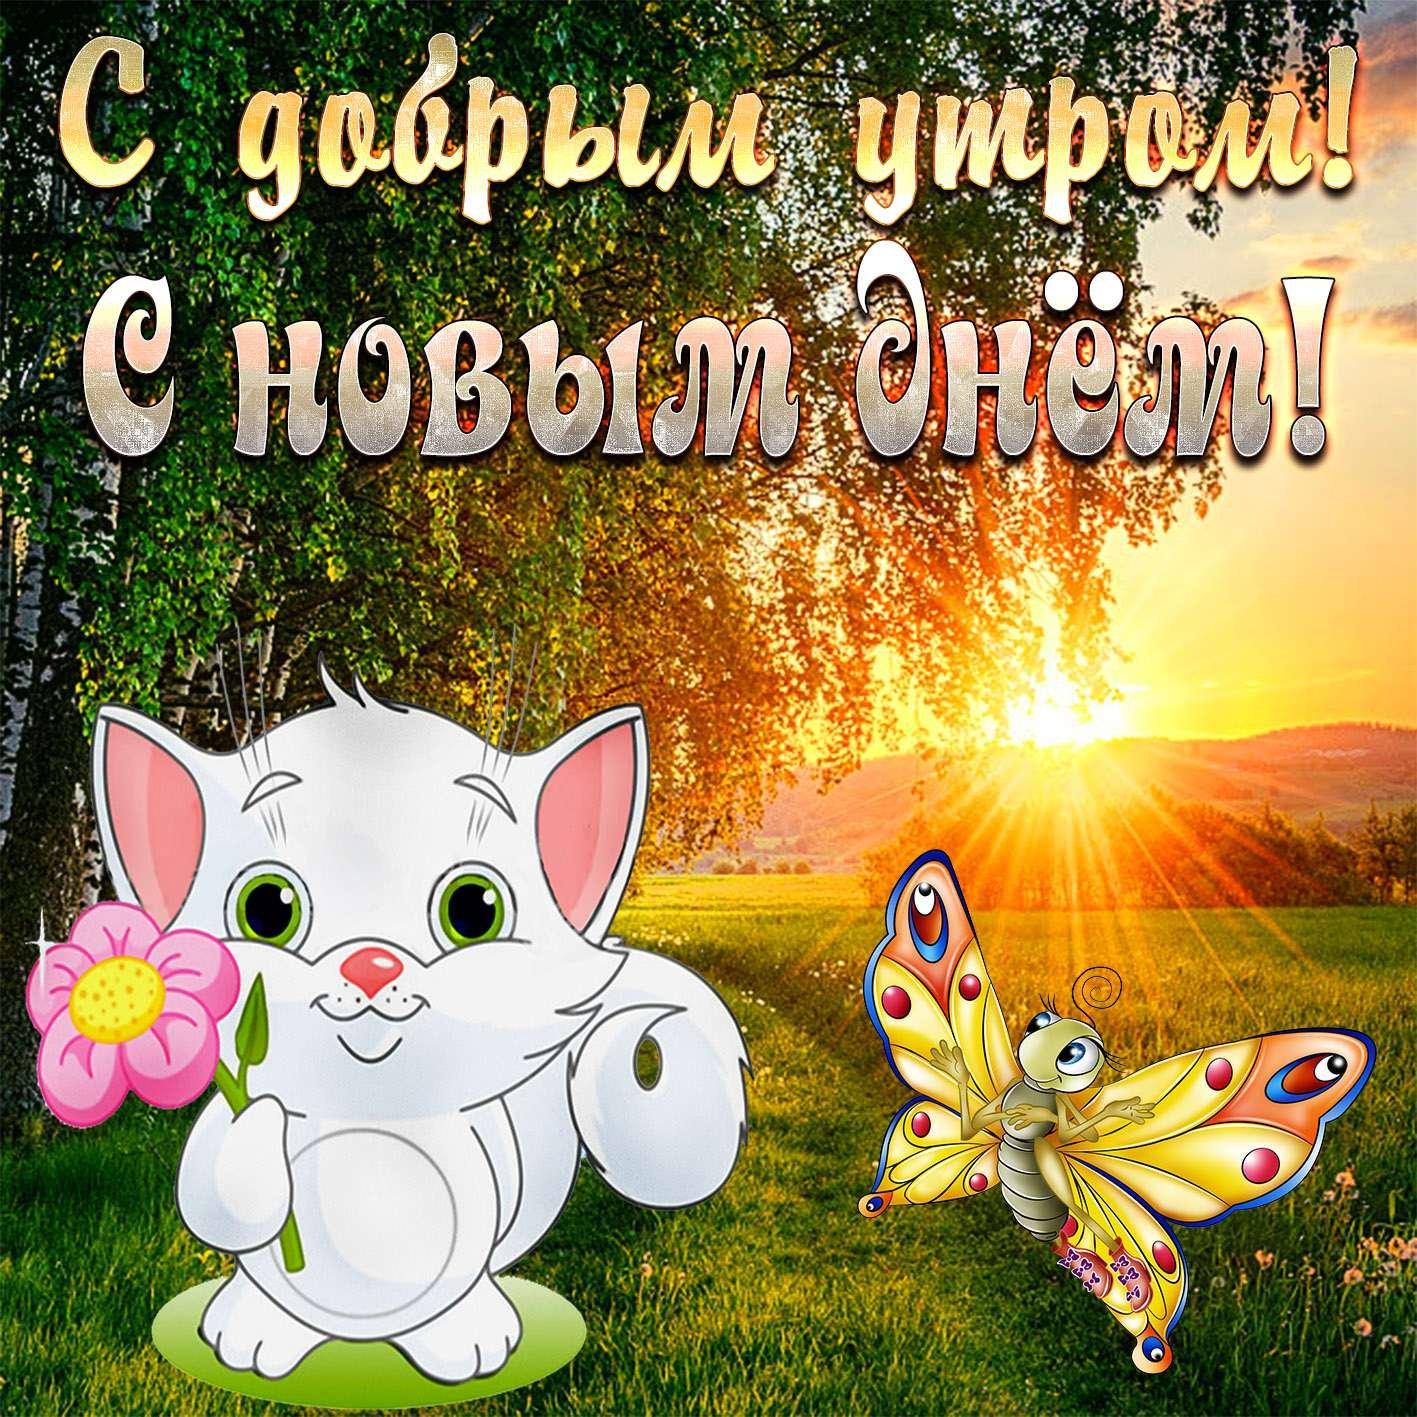 Поздравлением, свежие картинки с добрым утром и хорошего дня